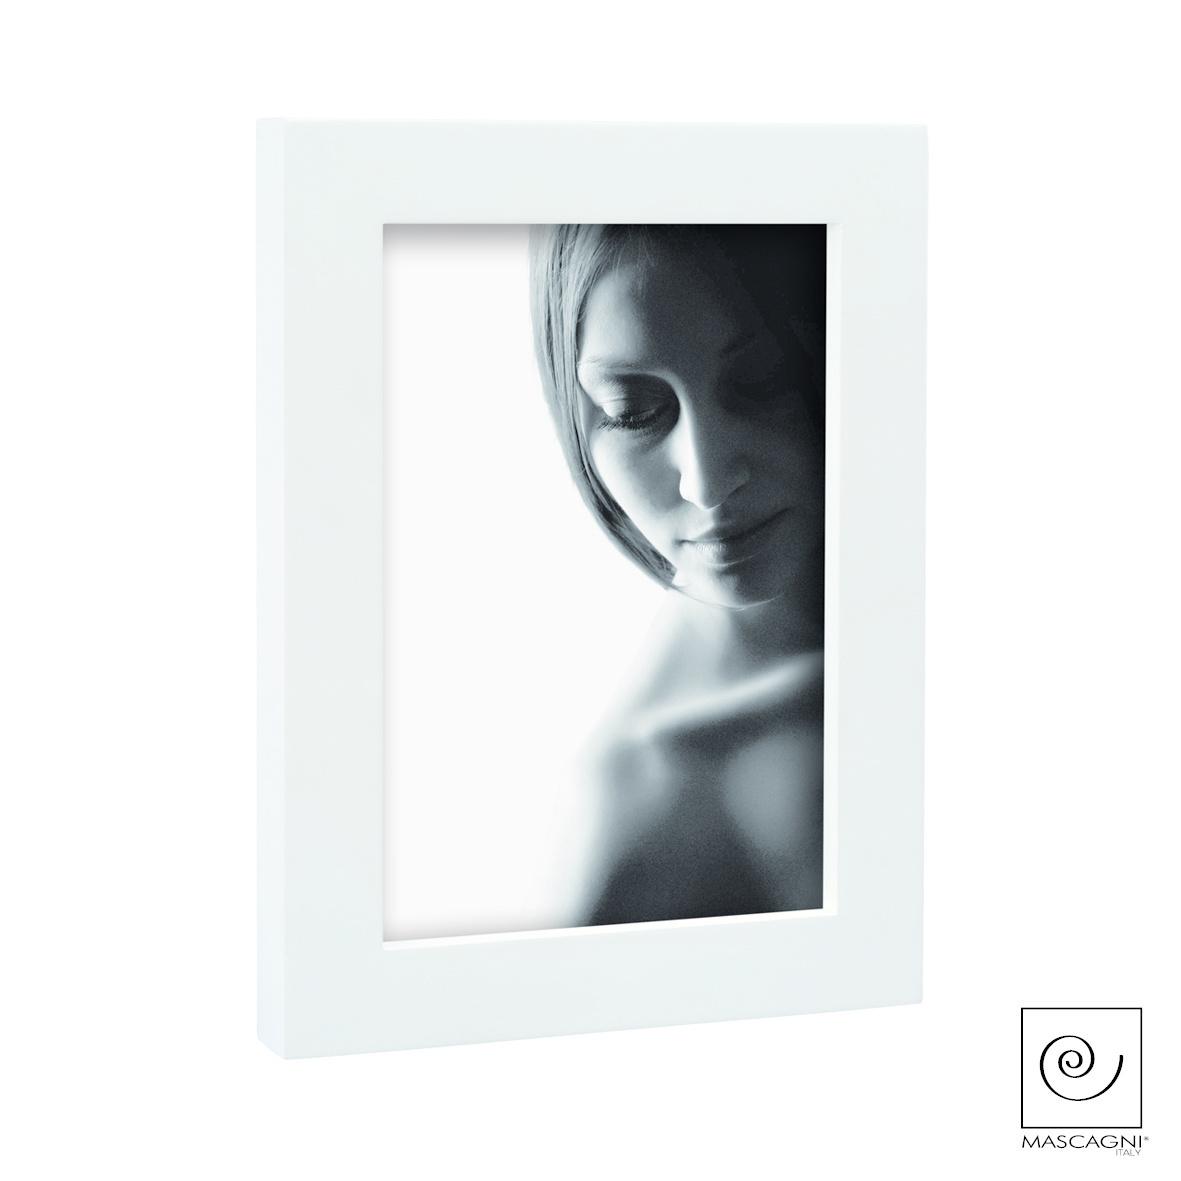 Art Mascagni M882 PHOTO FRAME 15X20 - COL.WHITE